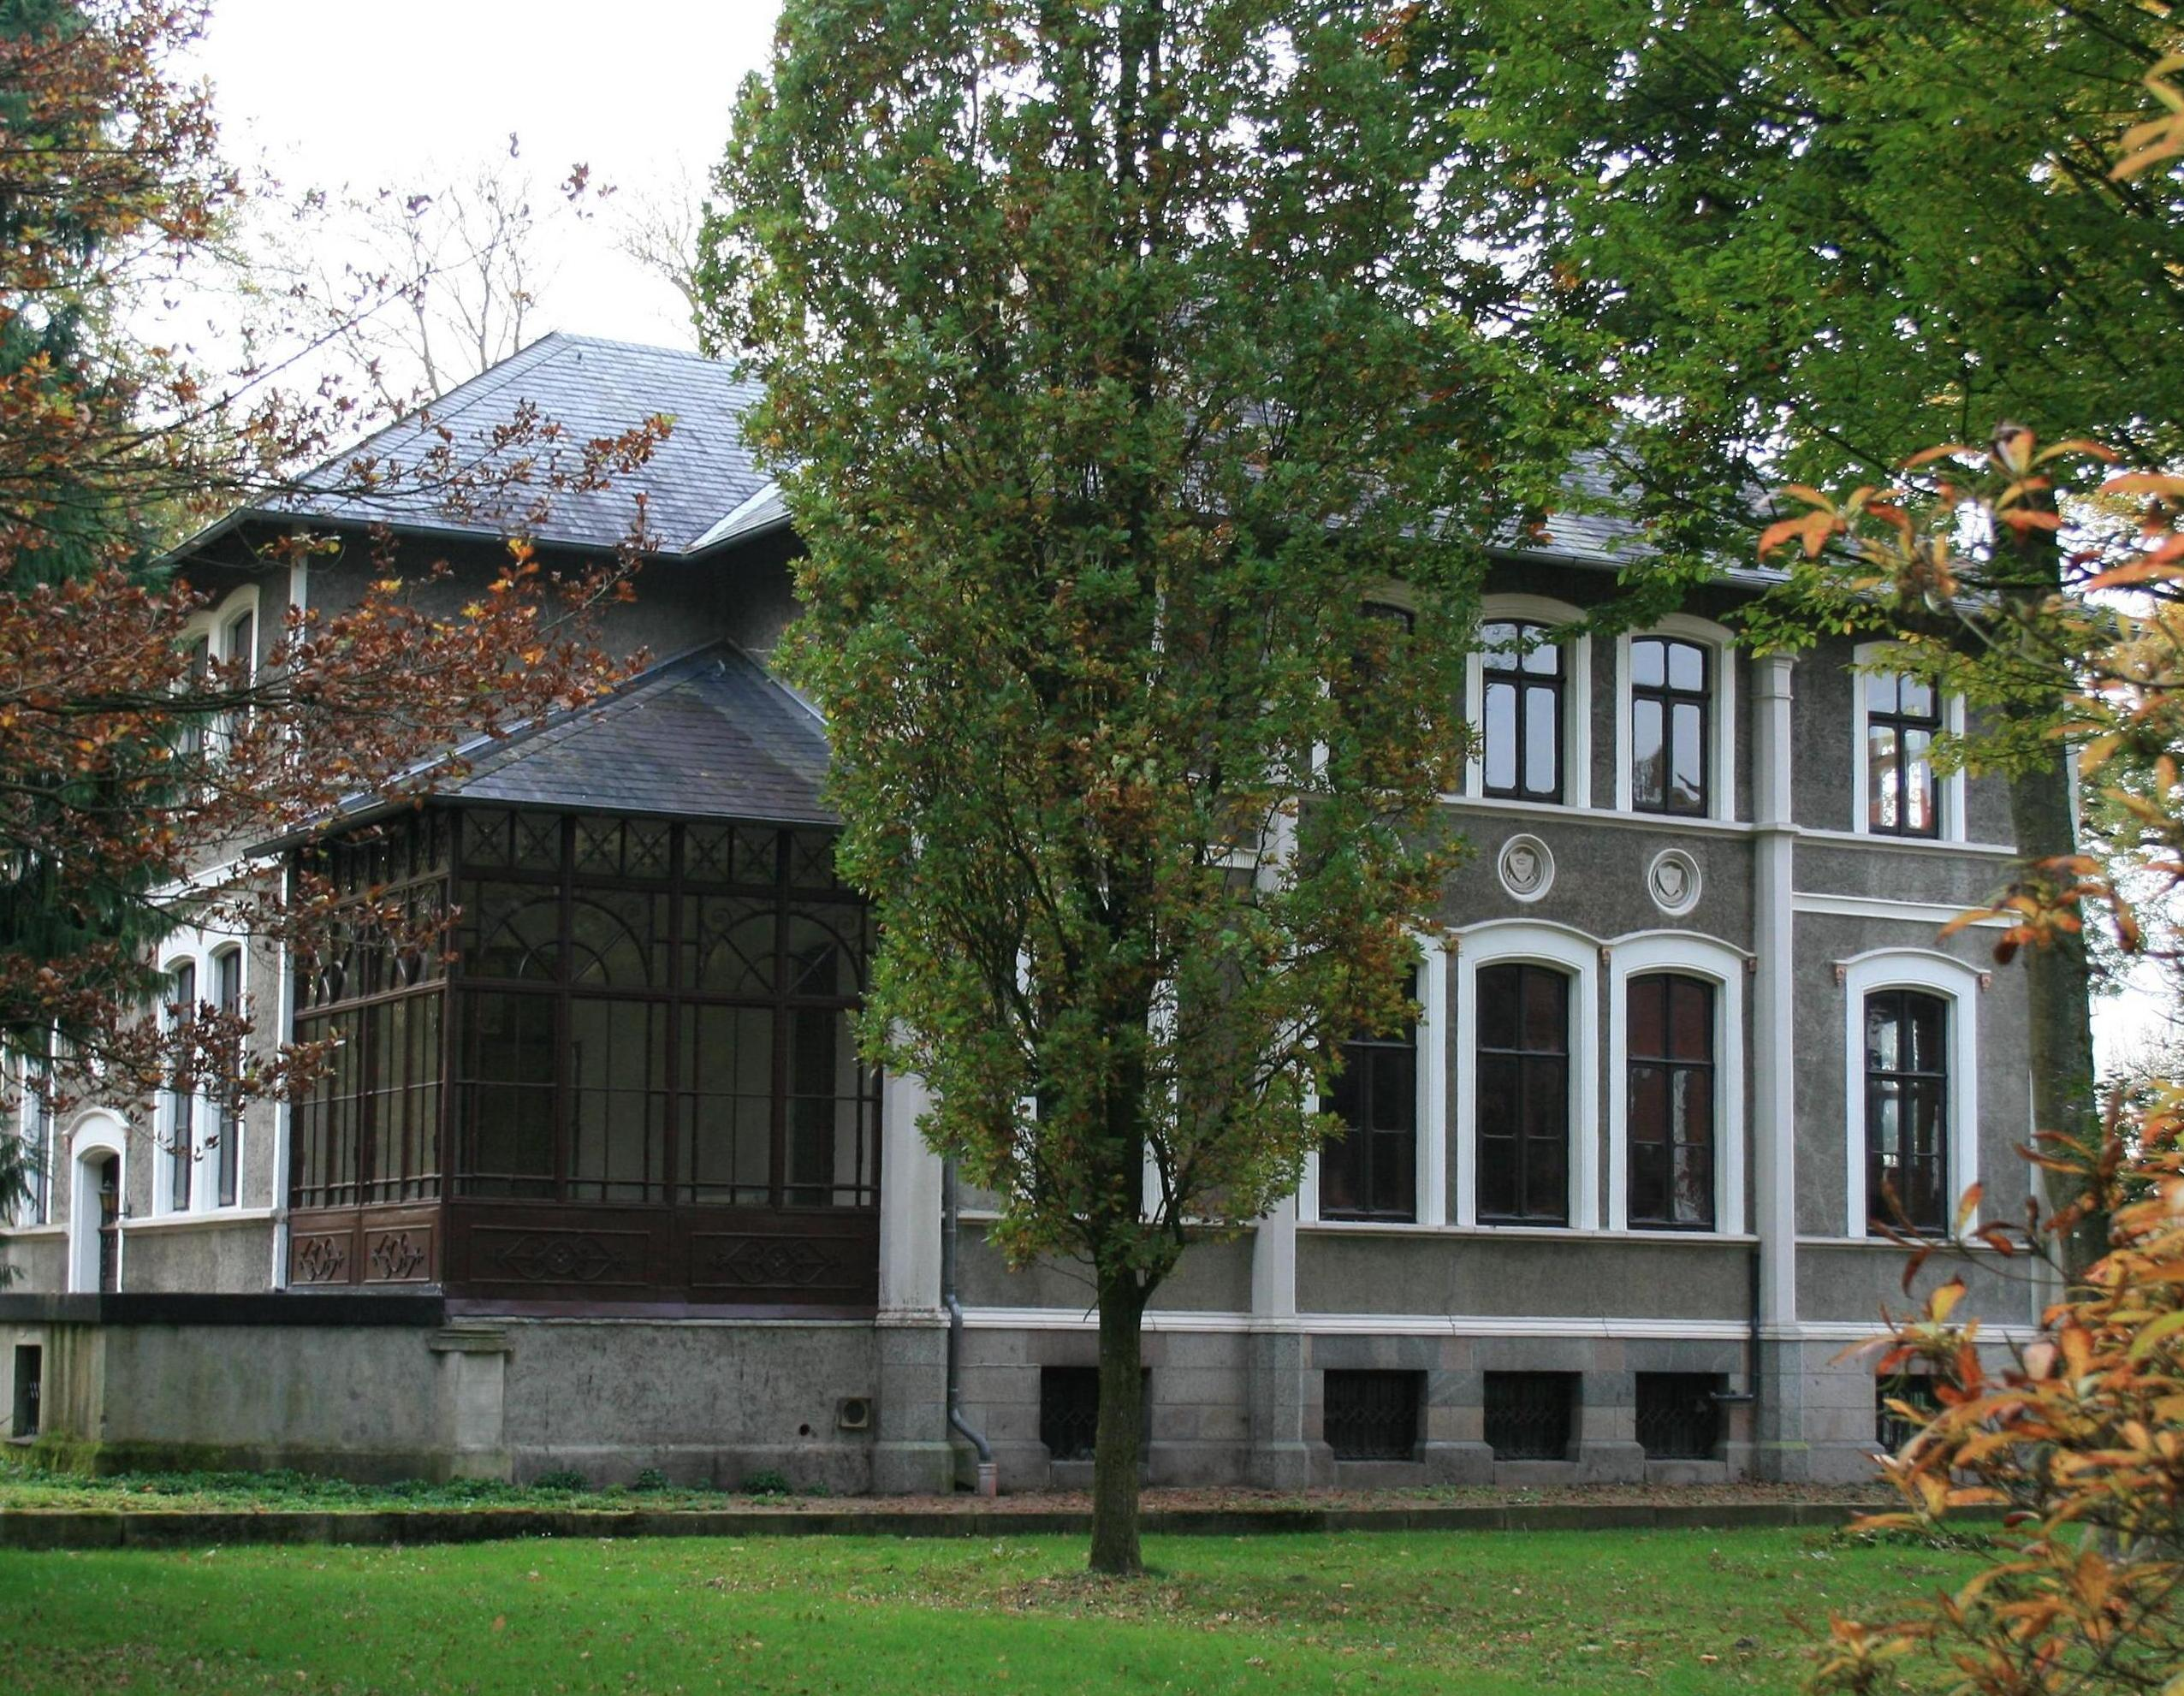 die Klosterburg in der Samtgemeinde Sittensen